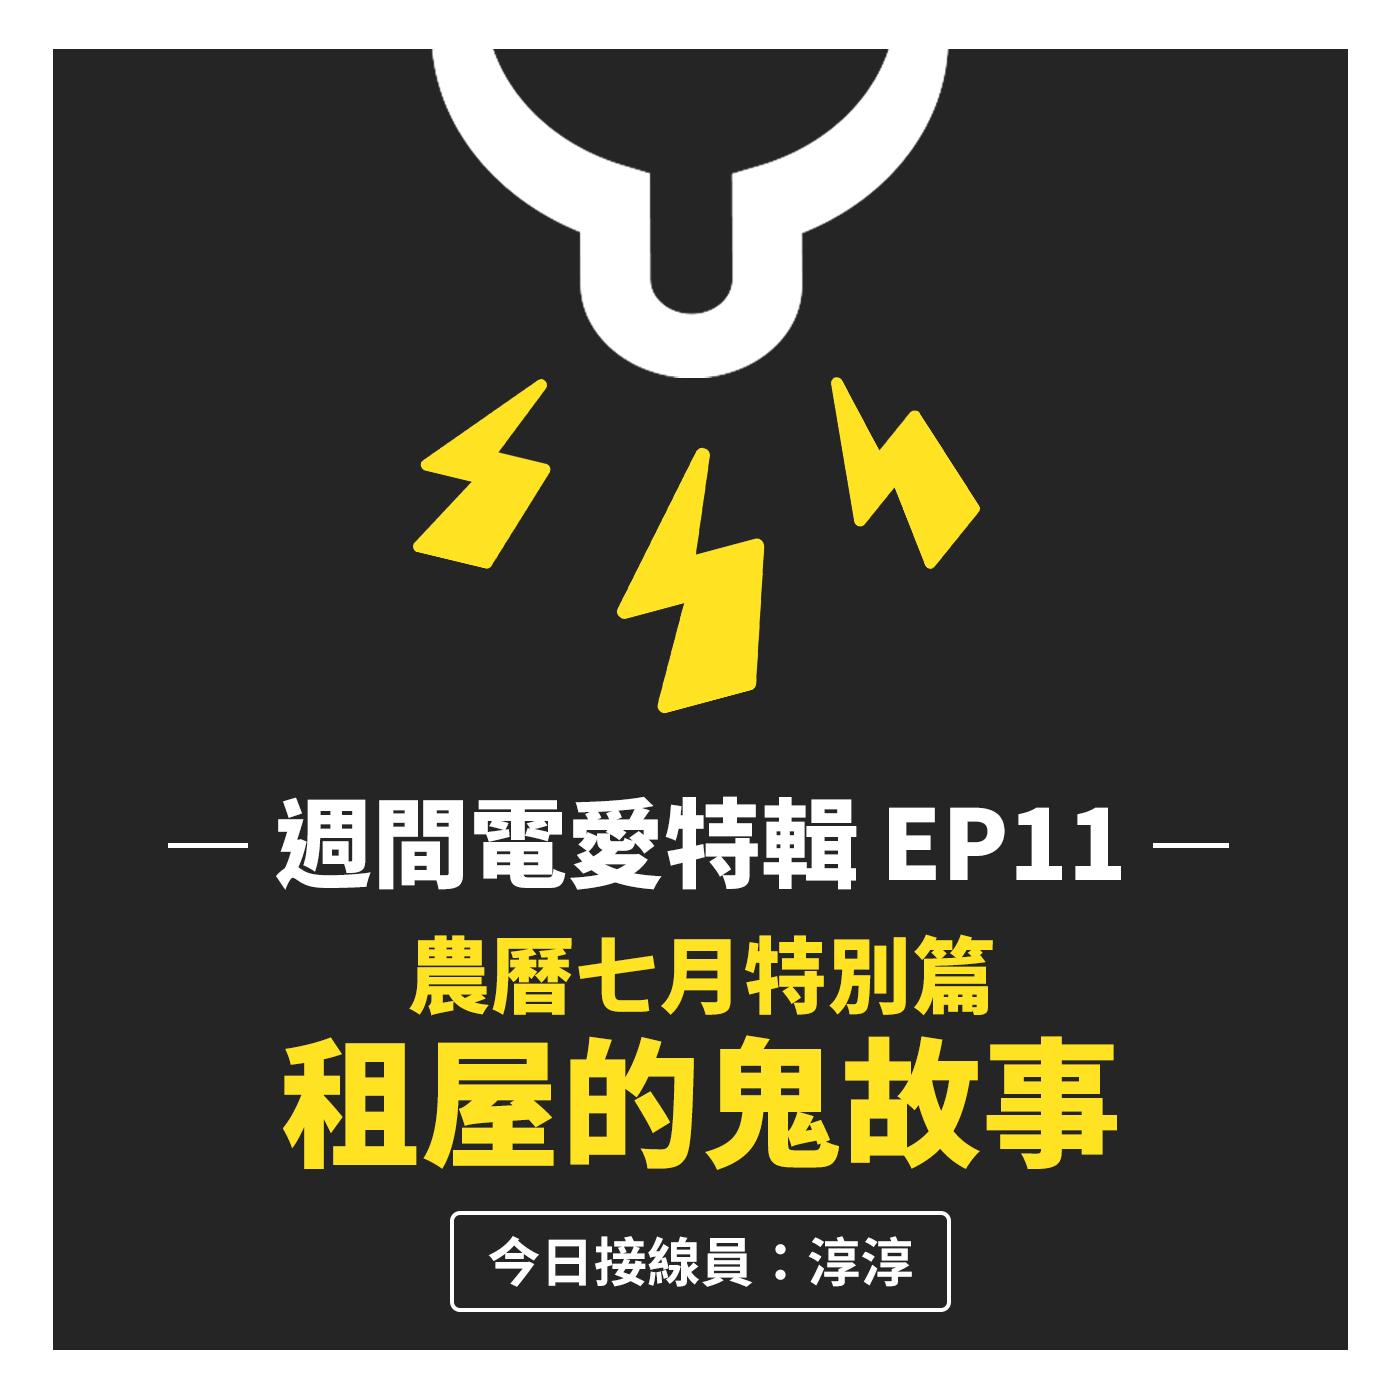 [週間電愛特輯] EP11 農曆七月特別篇 - 租屋的鬼故事